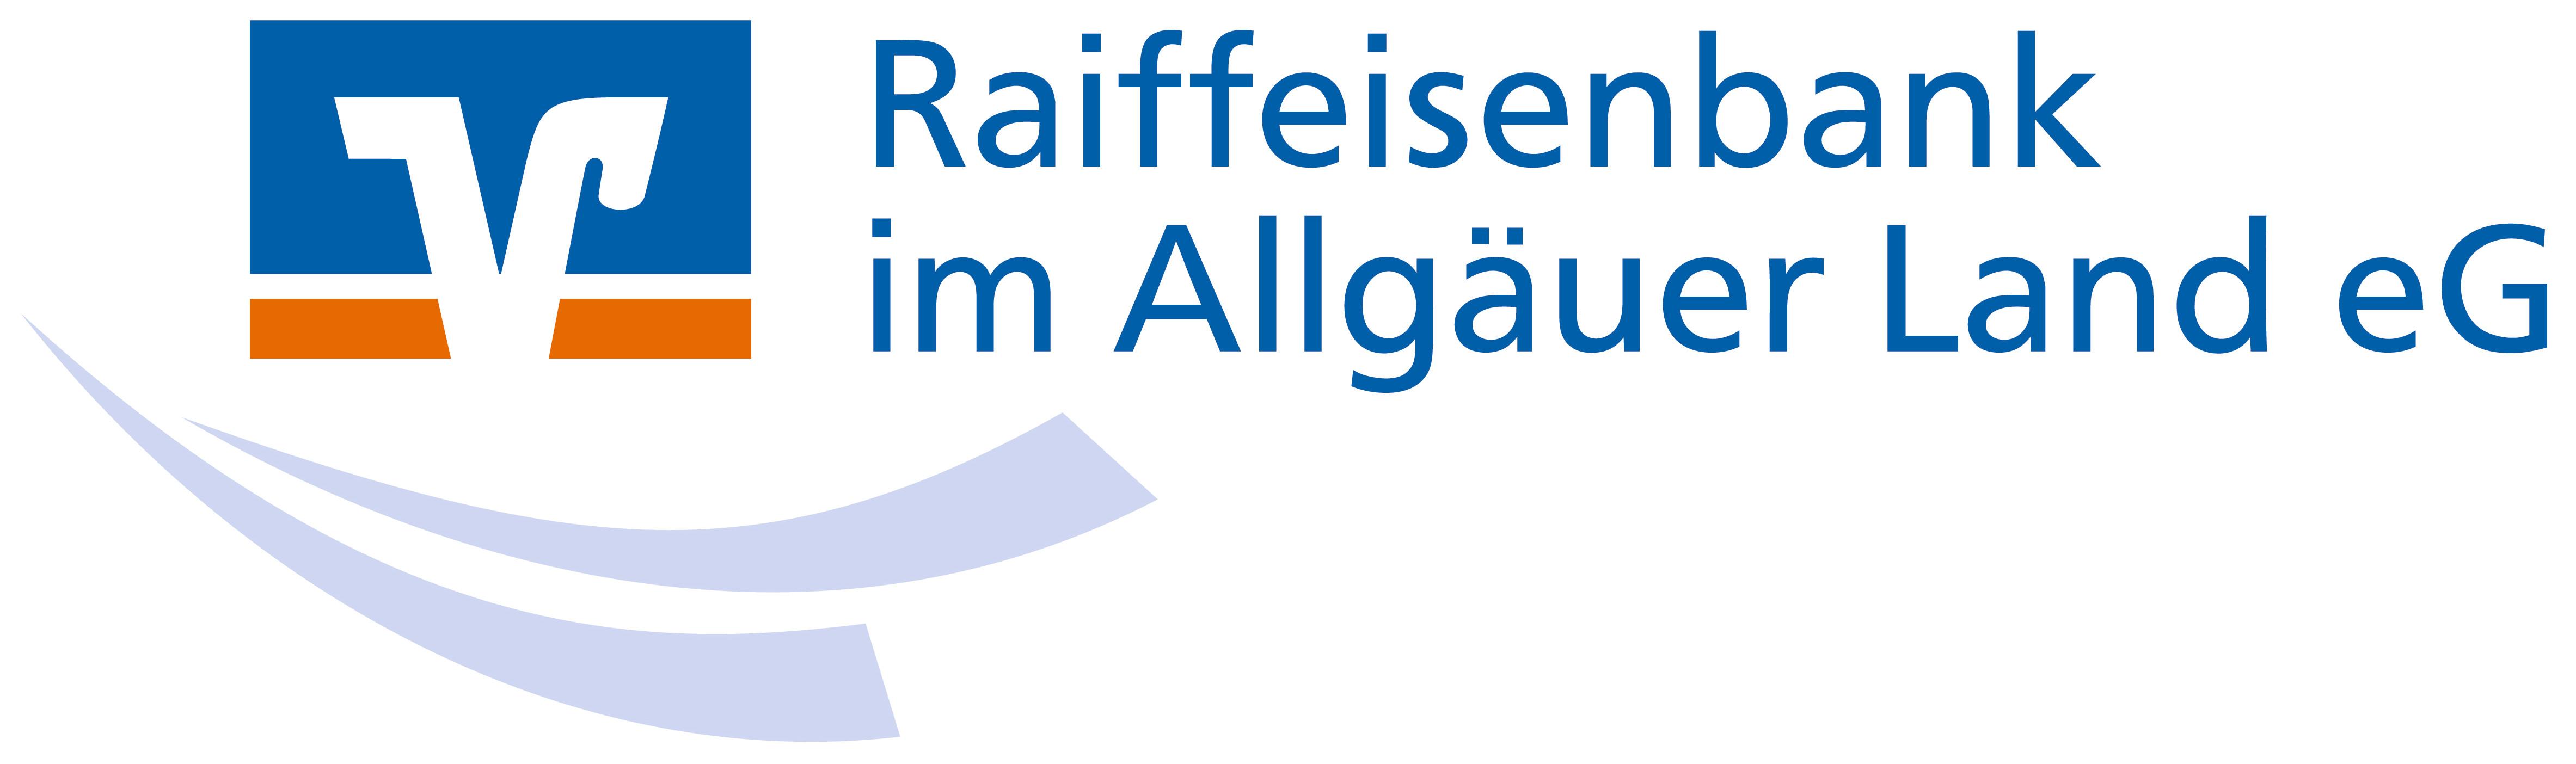 Raiffeisenbank im Allgäuer Land eG in Kimratshofen